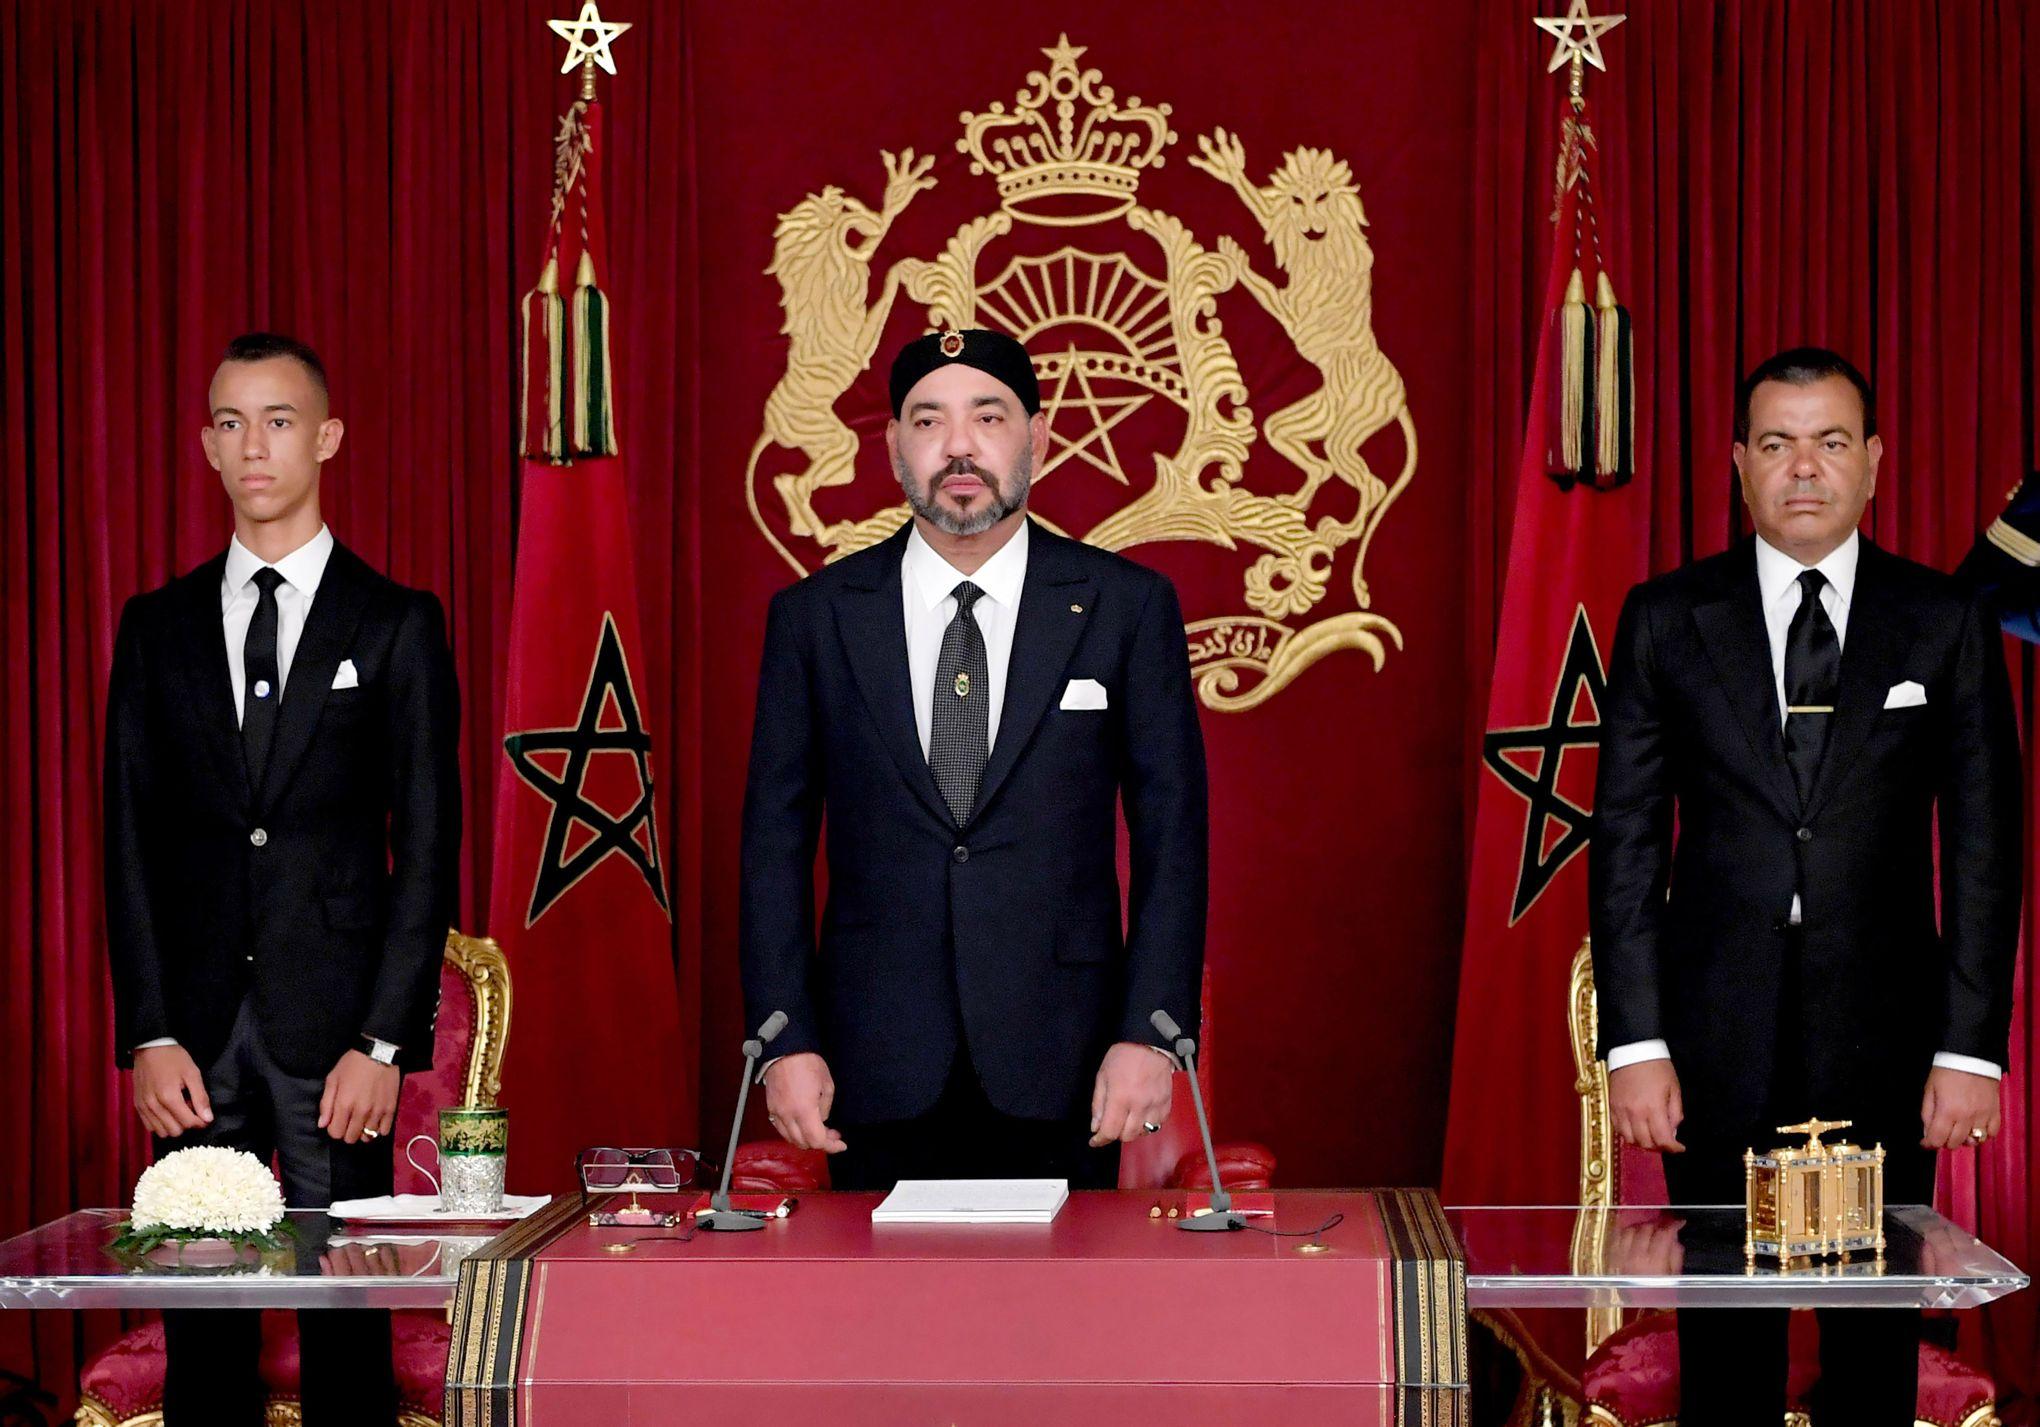 Mohammed VI lors de son dernier discours à la Nation, le 30 juillet dernier. À gauche, son fils Hassan III et à droite son frère, le prince Moulay Rachid. © HANDOUT/AFP